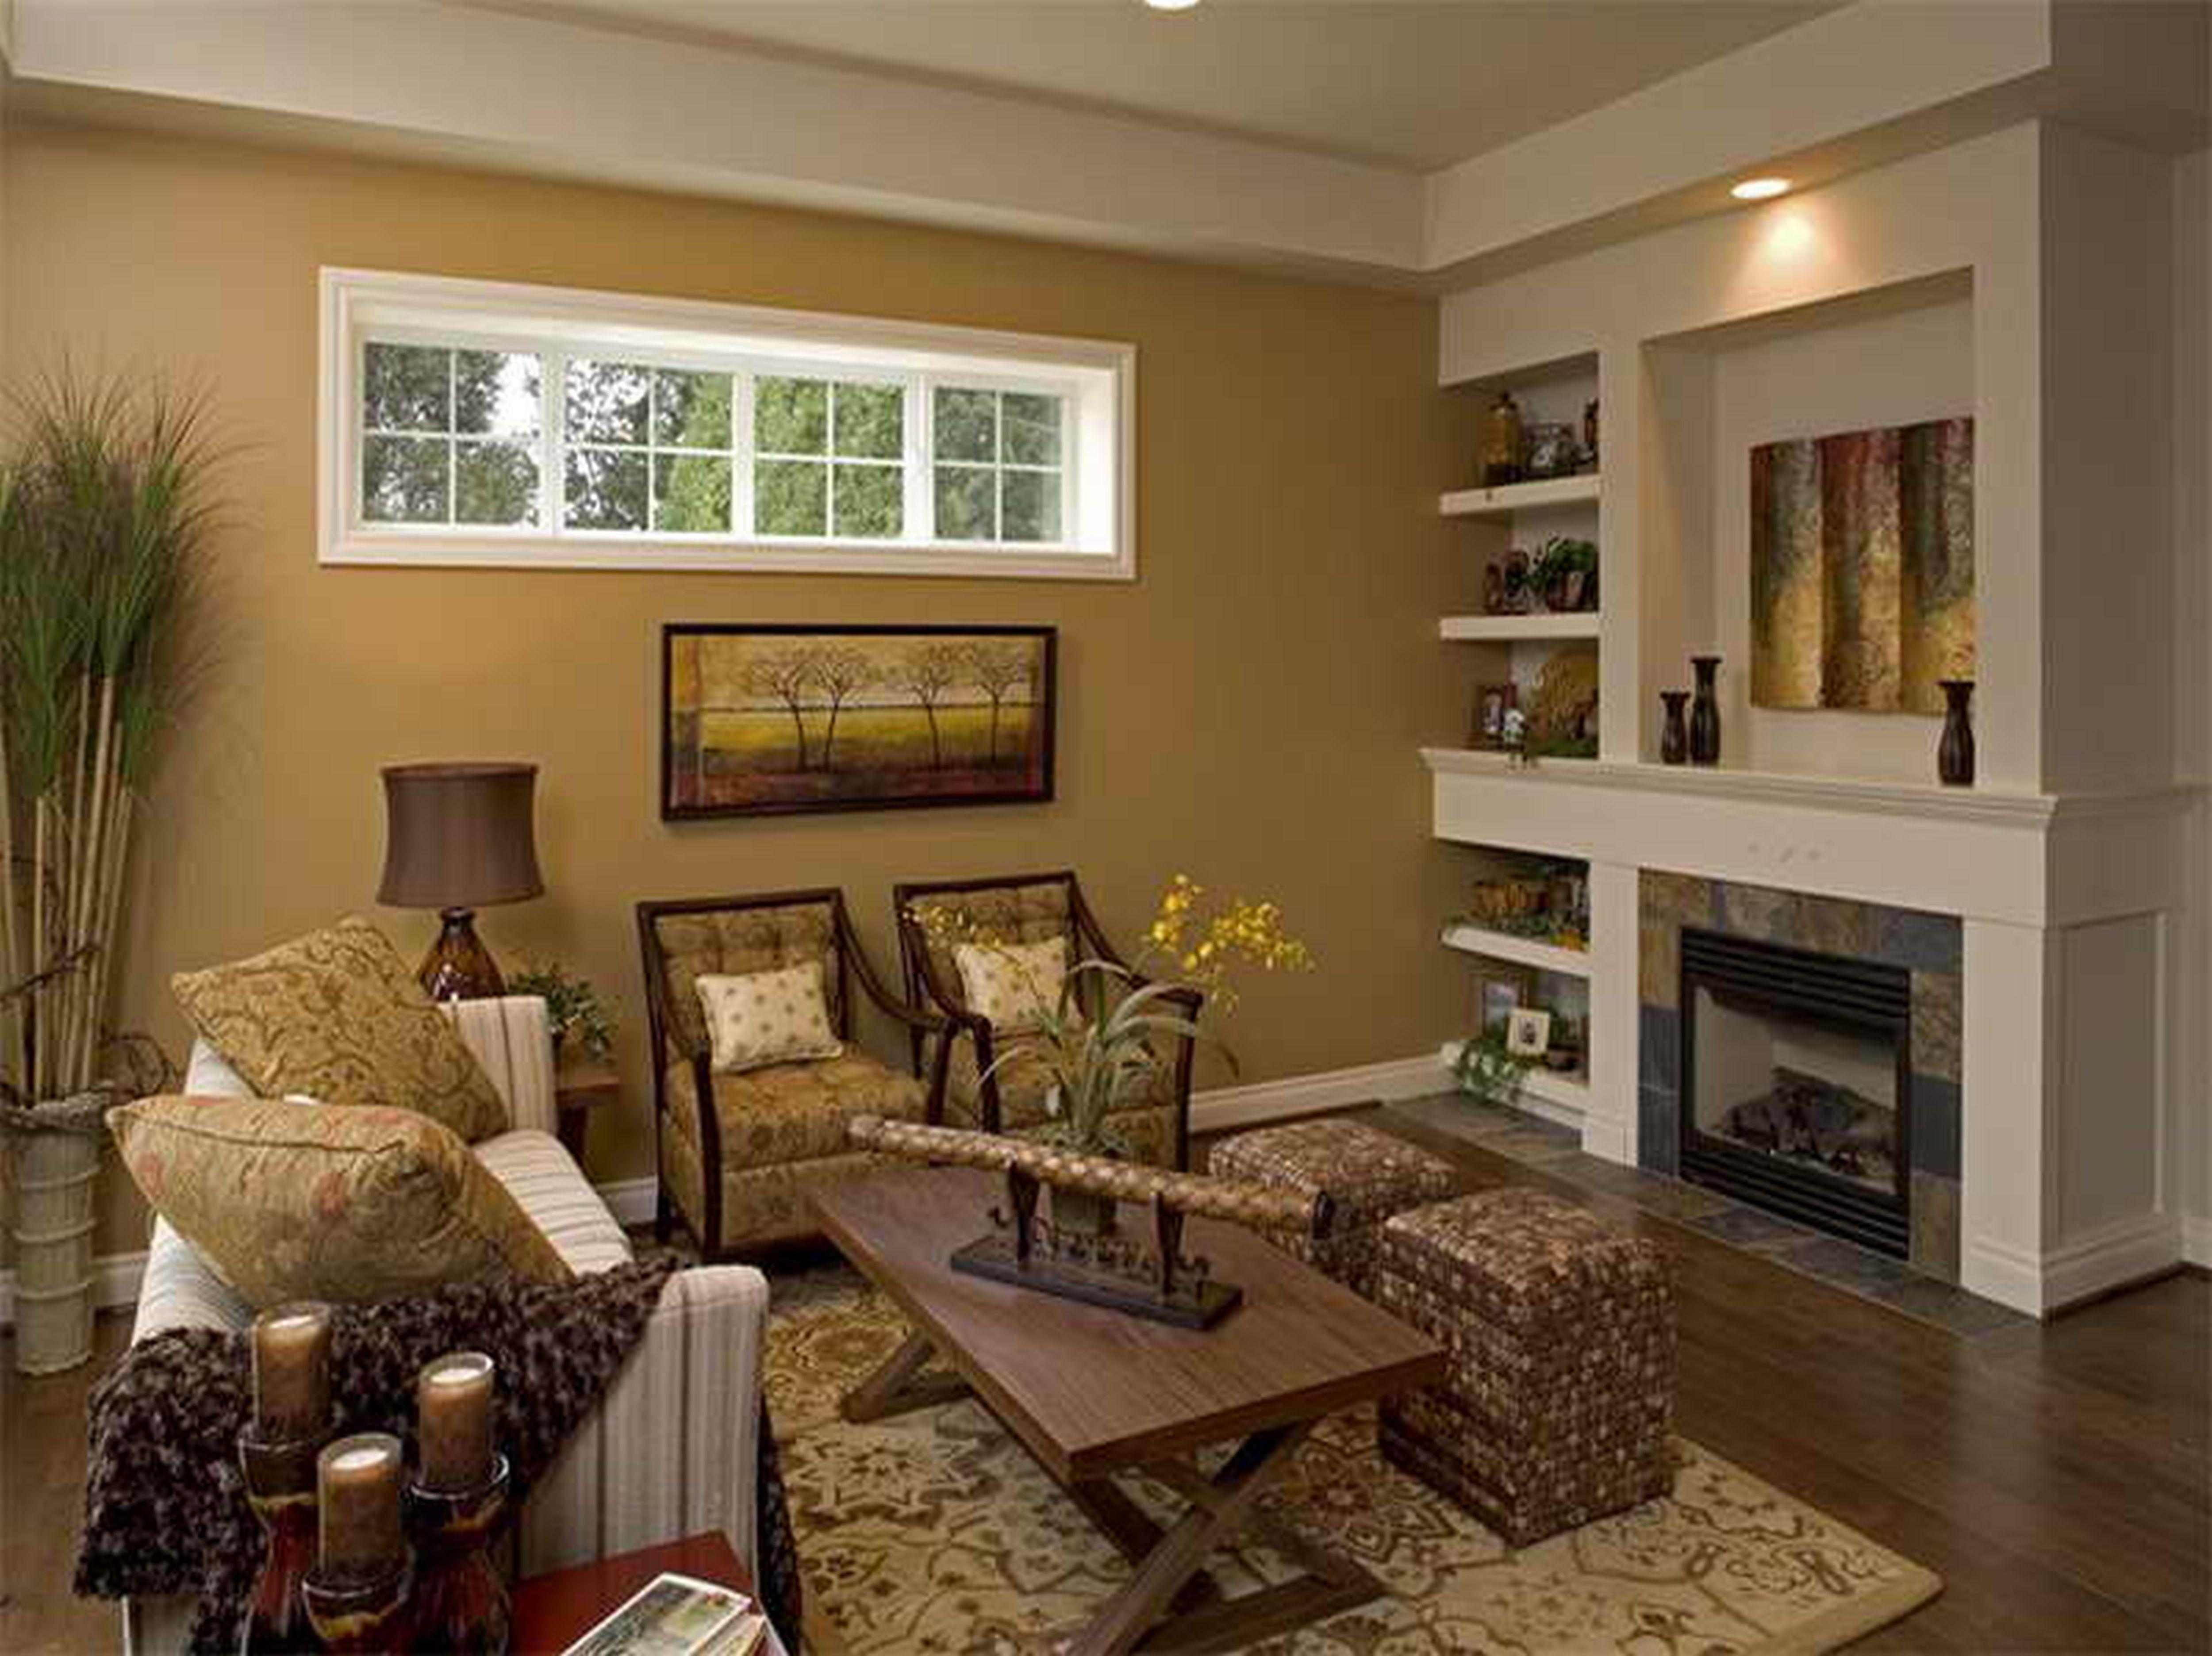 Wall Paint Ideas for Living Room - Decor IdeasDecor Ideas